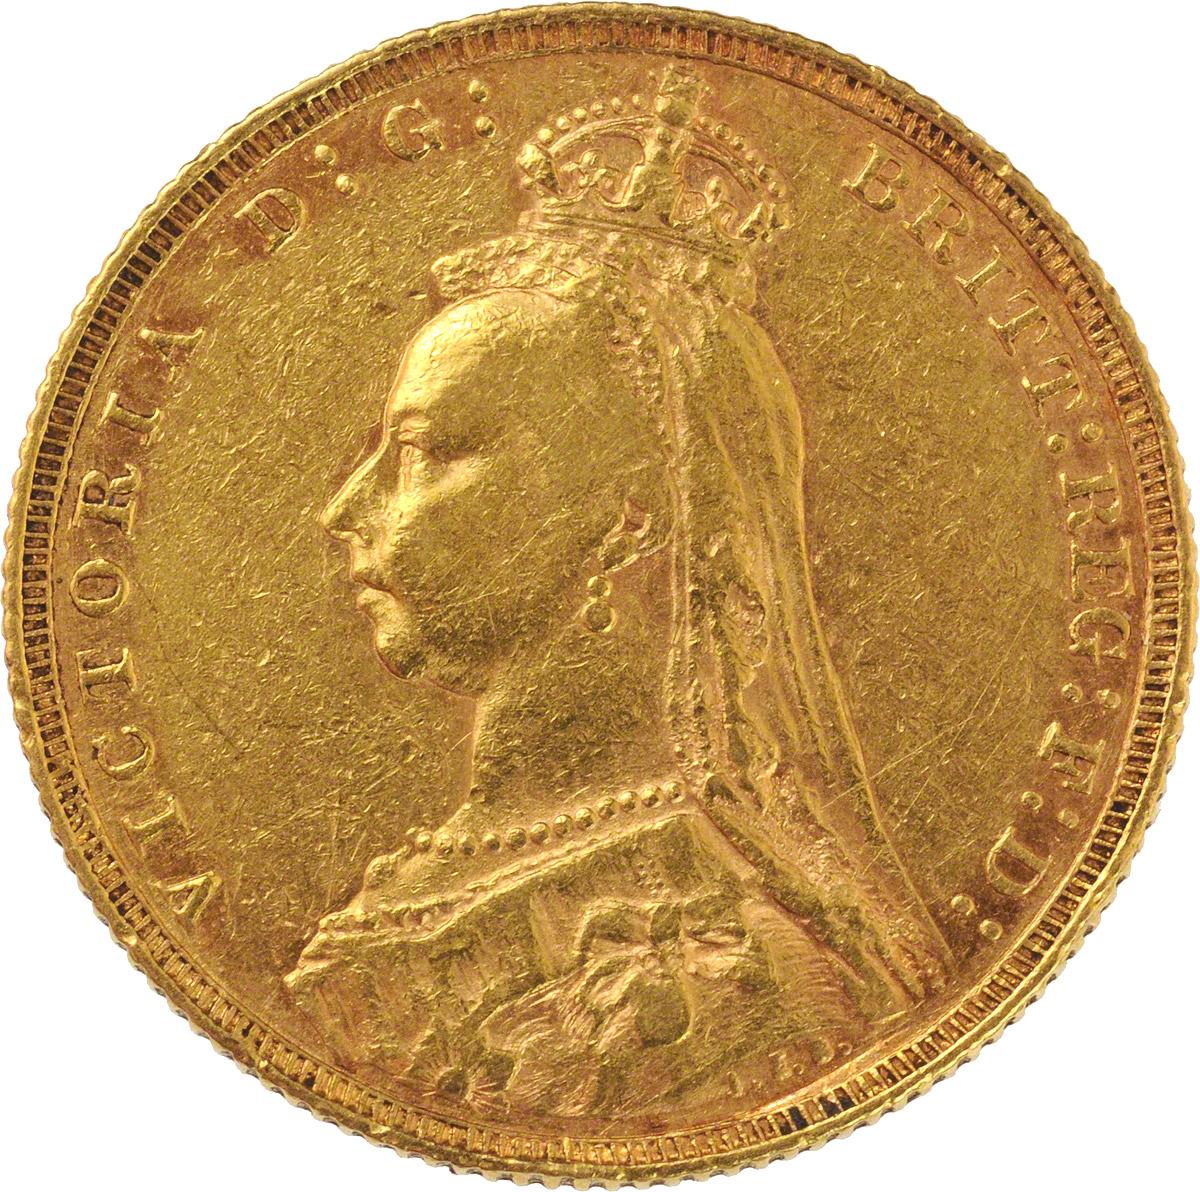 1890 Βικτώρια (Νομισματοκοπείο Λονδίνου)